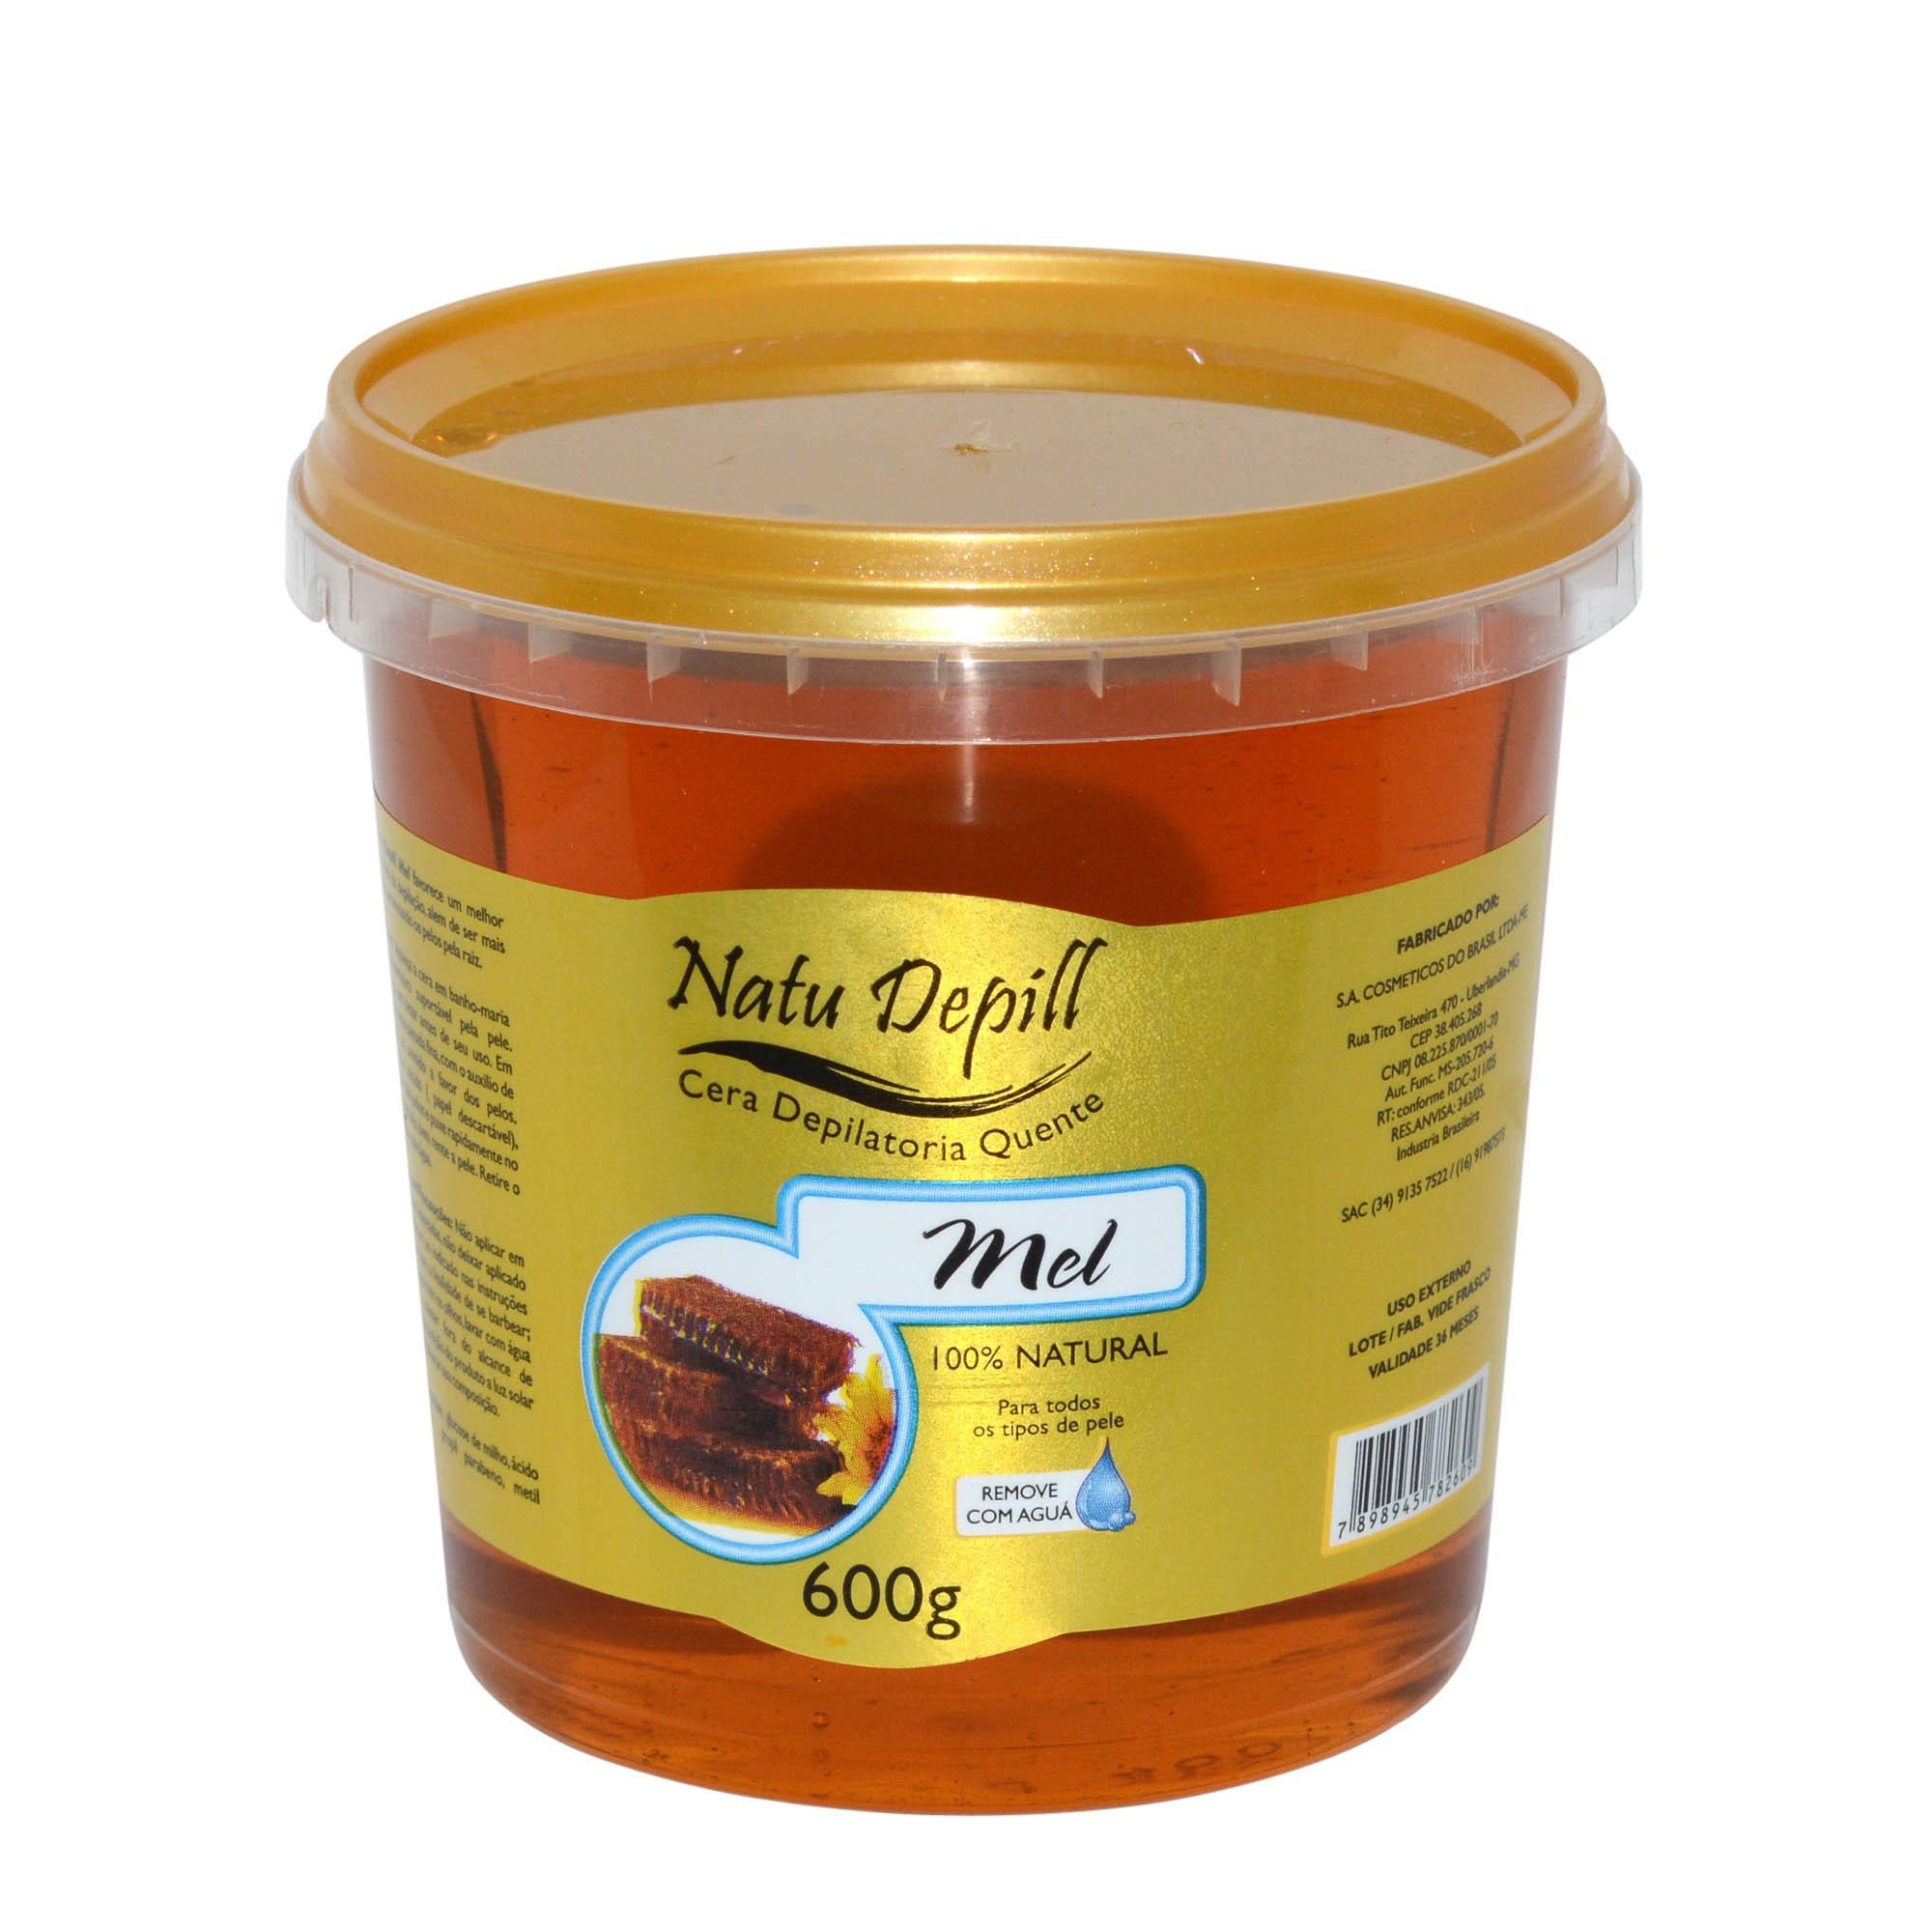 Cera Depilatória Quente Natu Depill 600g Natural Mel